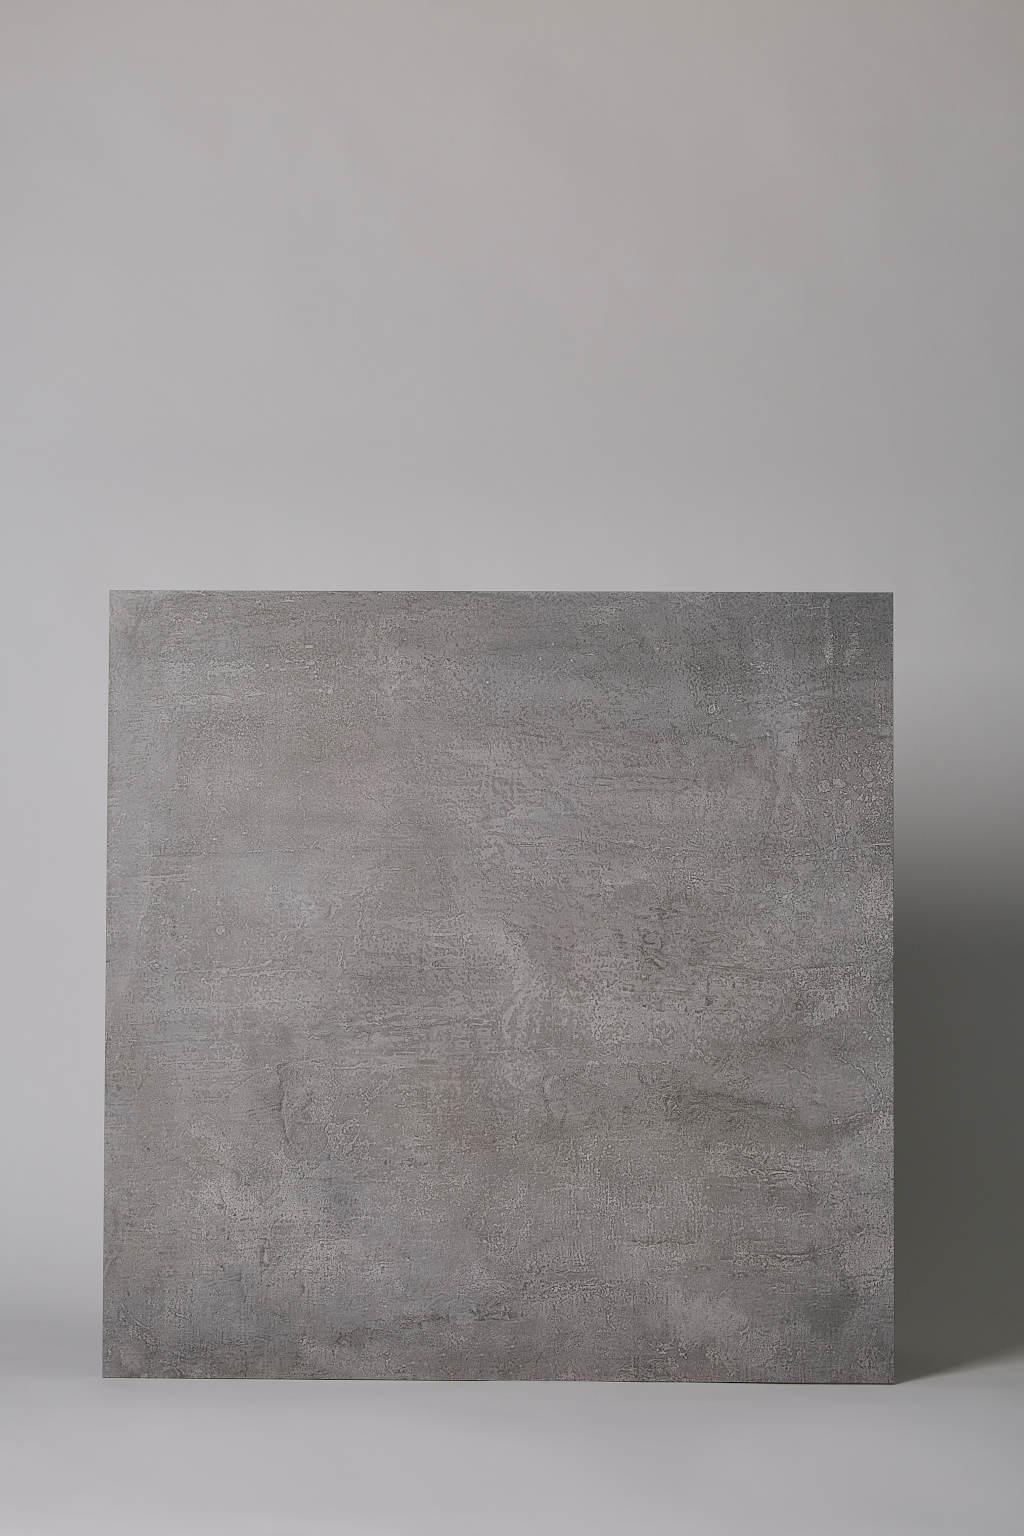 Płyta włoska, gresowa, rektyfikowana, mrozoodporna, matowa, podłoga, taras, salon, kuchnia, rozmiar 81x81cm - COTTO PETRUS Emotion gris